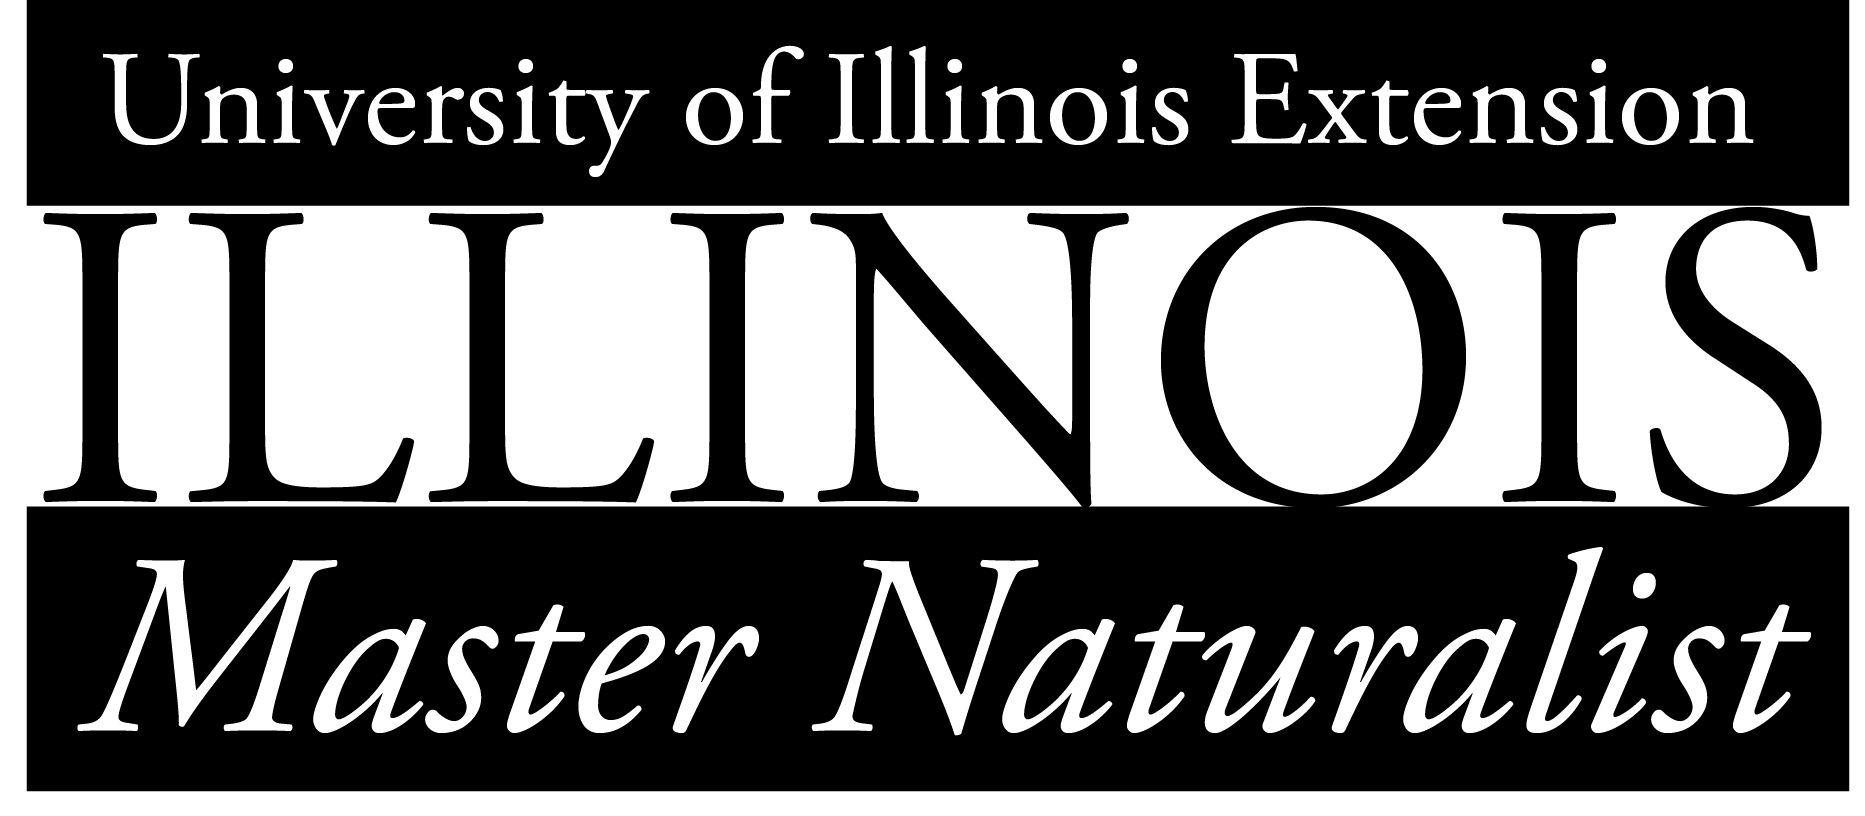 a9ac8fcdd0b76d1f0caaf302d958debd - University Of Illinois Extension Master Gardener Program